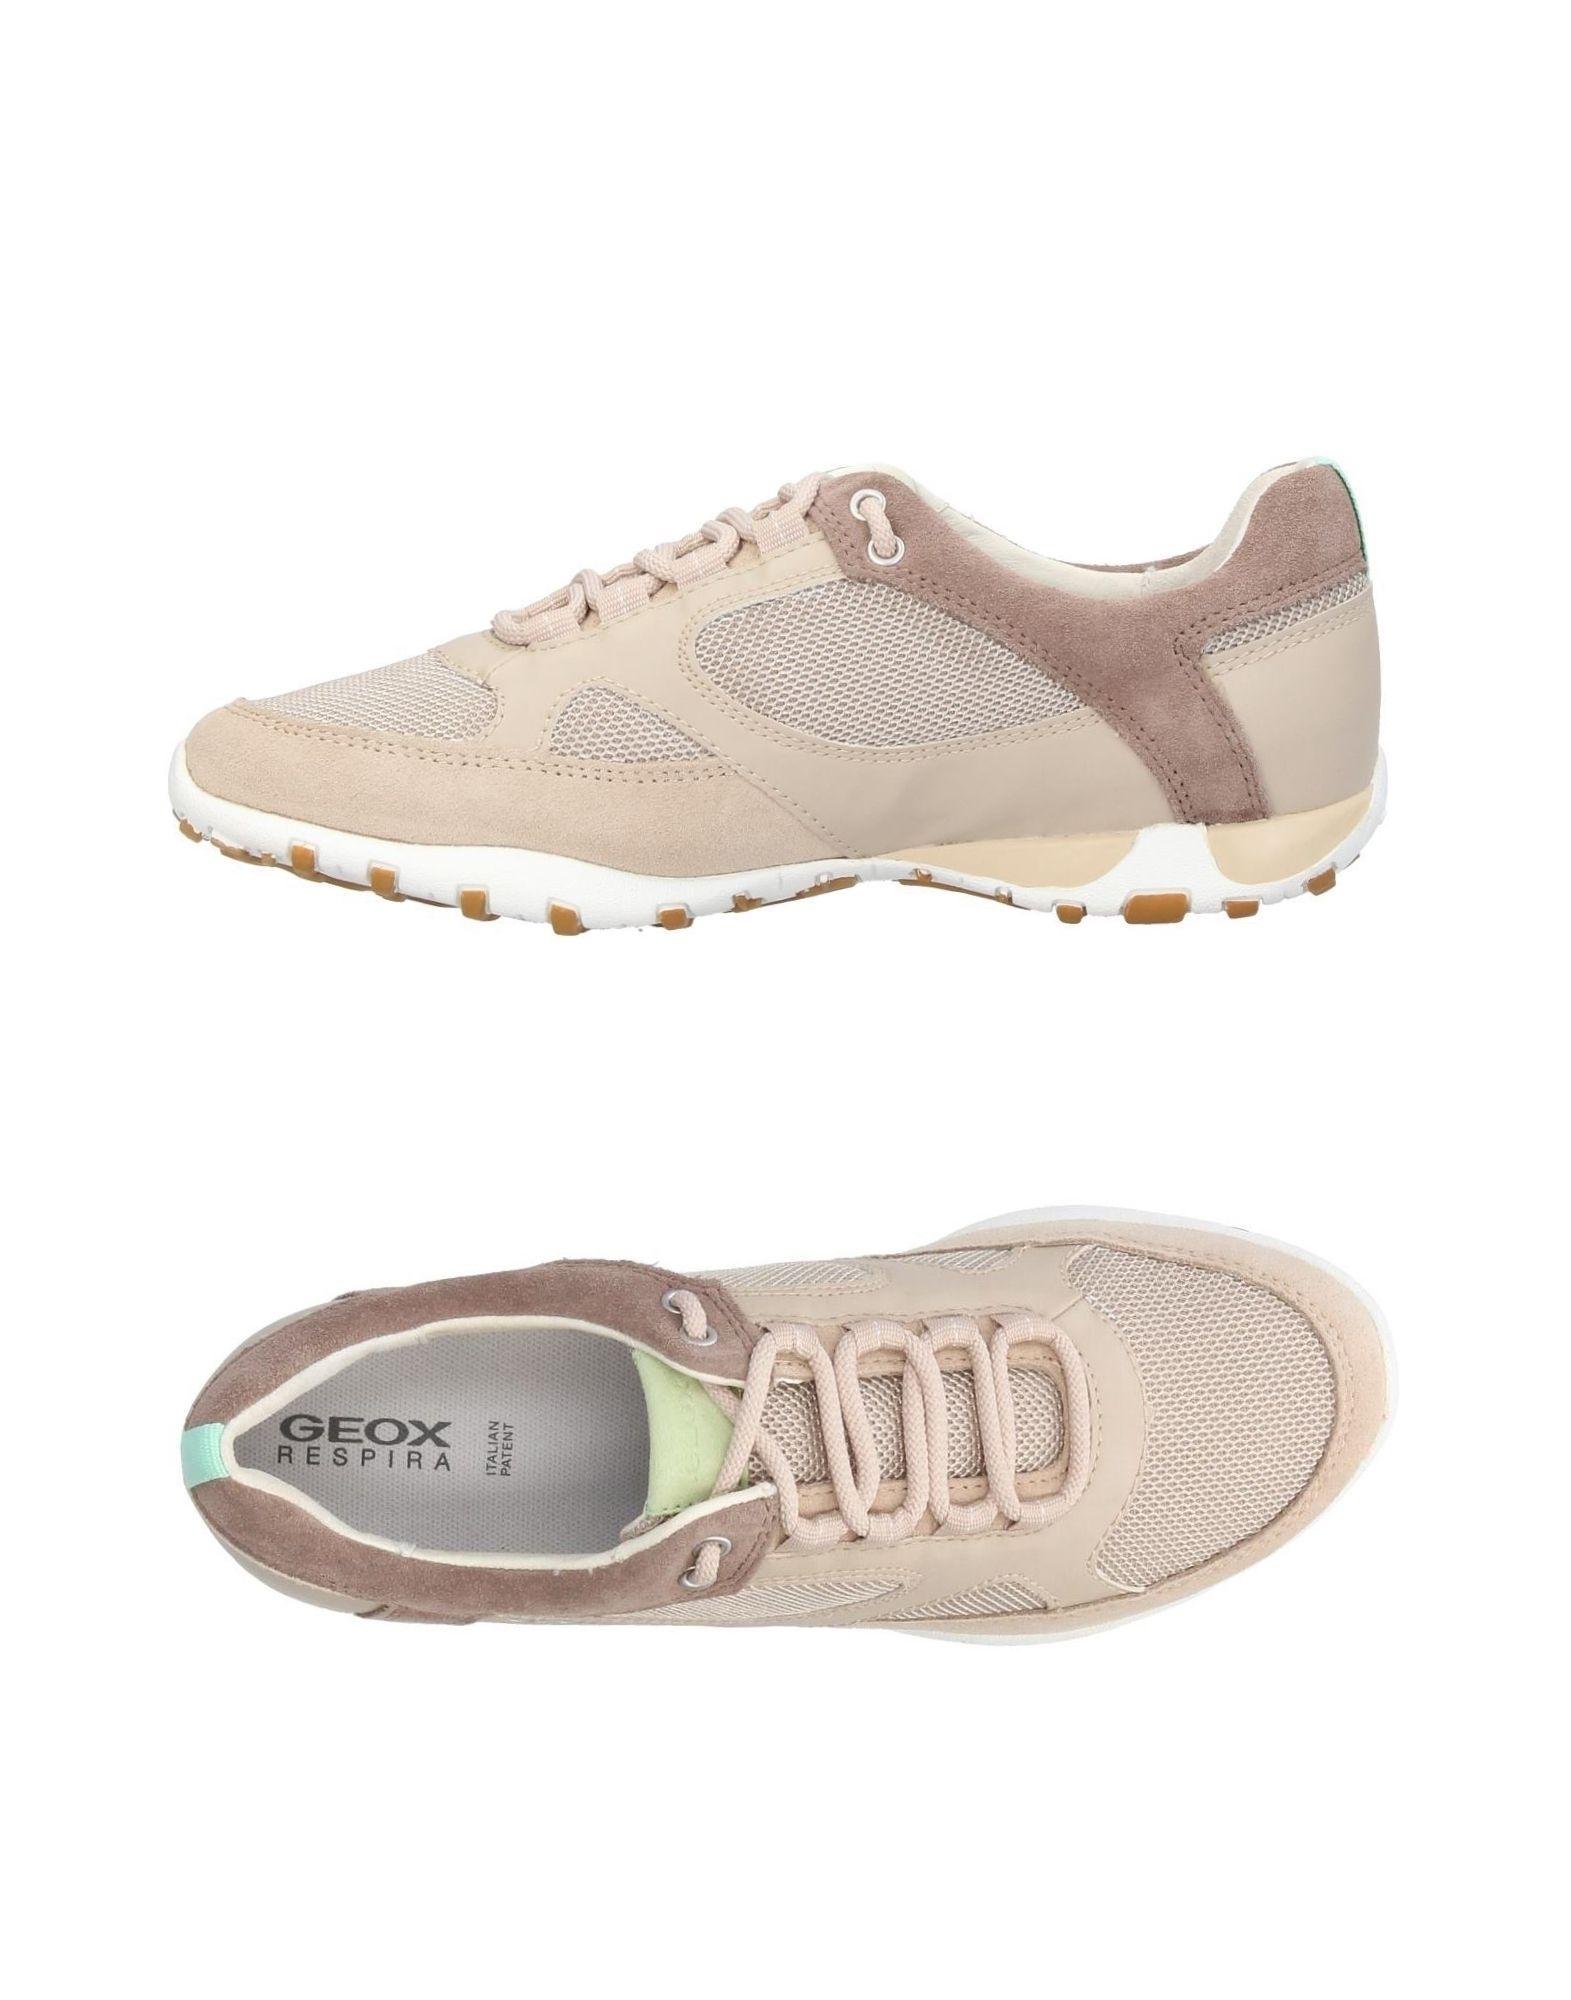 Geox Sneakers Damen  11414170CC Gute Qualität beliebte Schuhe